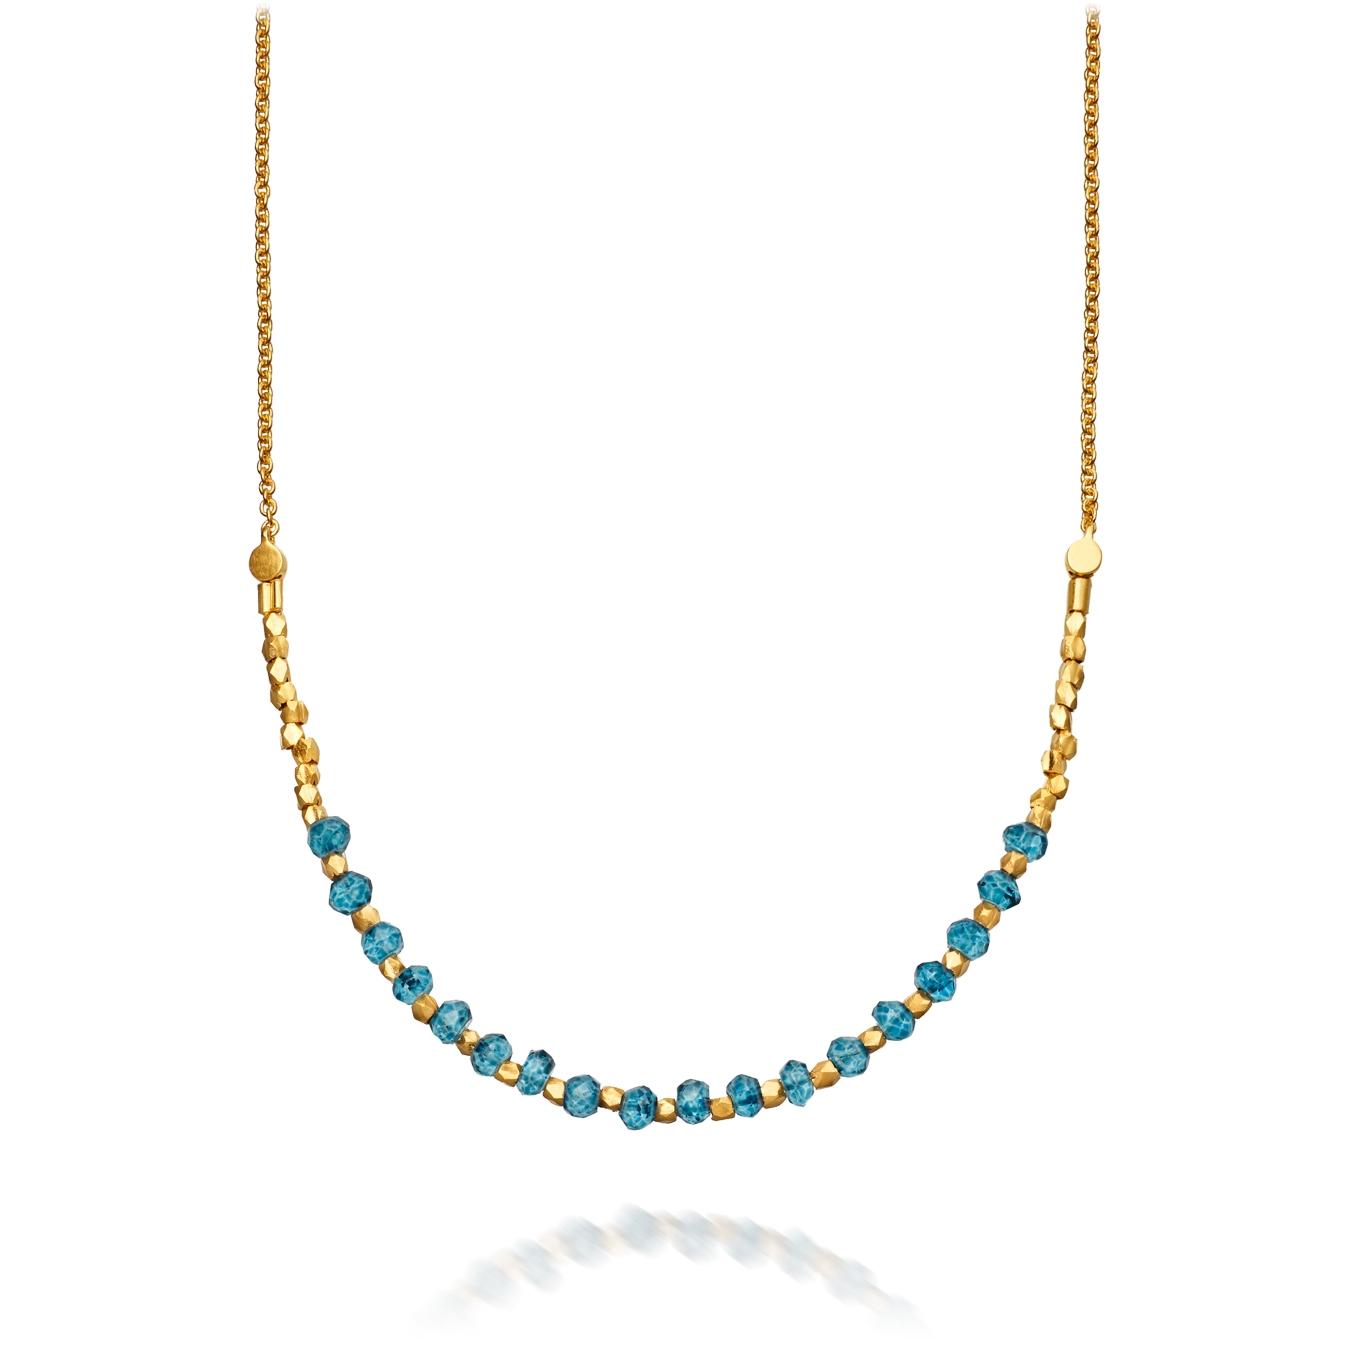 Ocean Quartz Detail Biography Necklace